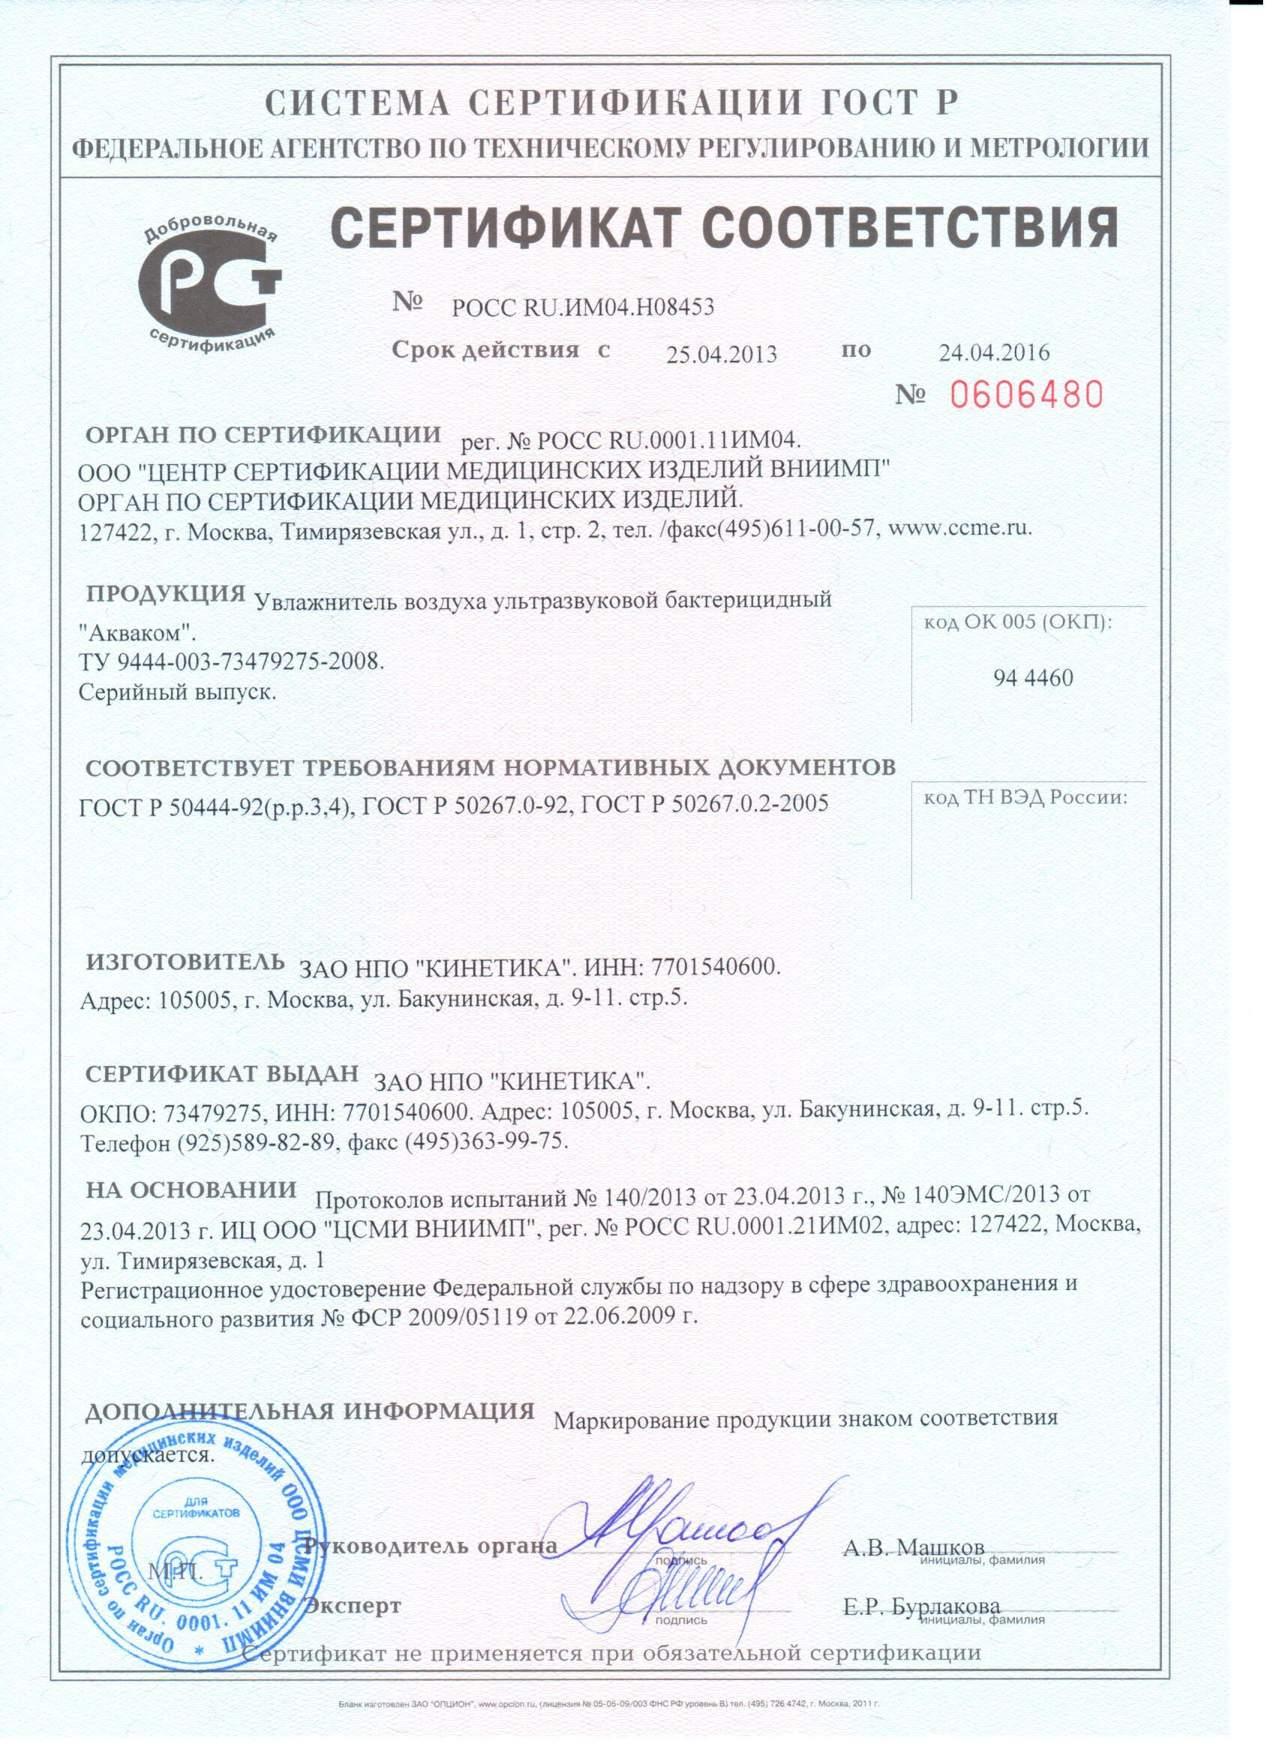 Сертификат соответствия увлажнителя Акваком